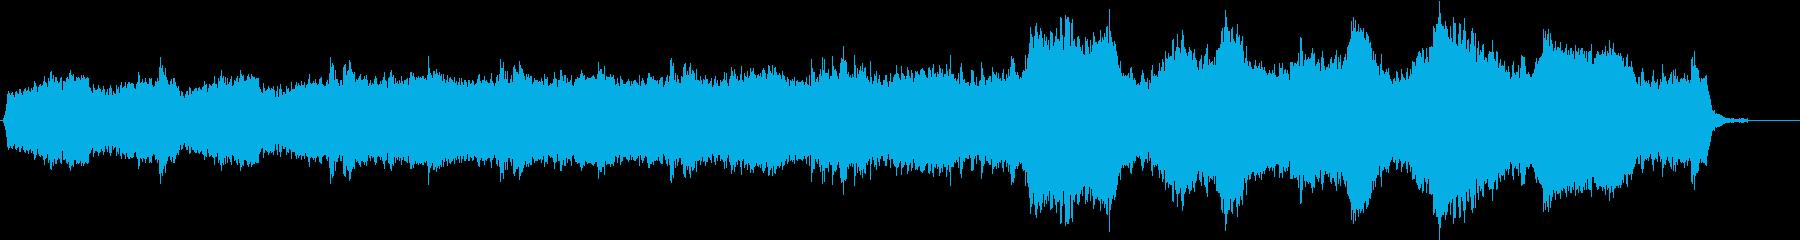 ホラーBGMの再生済みの波形